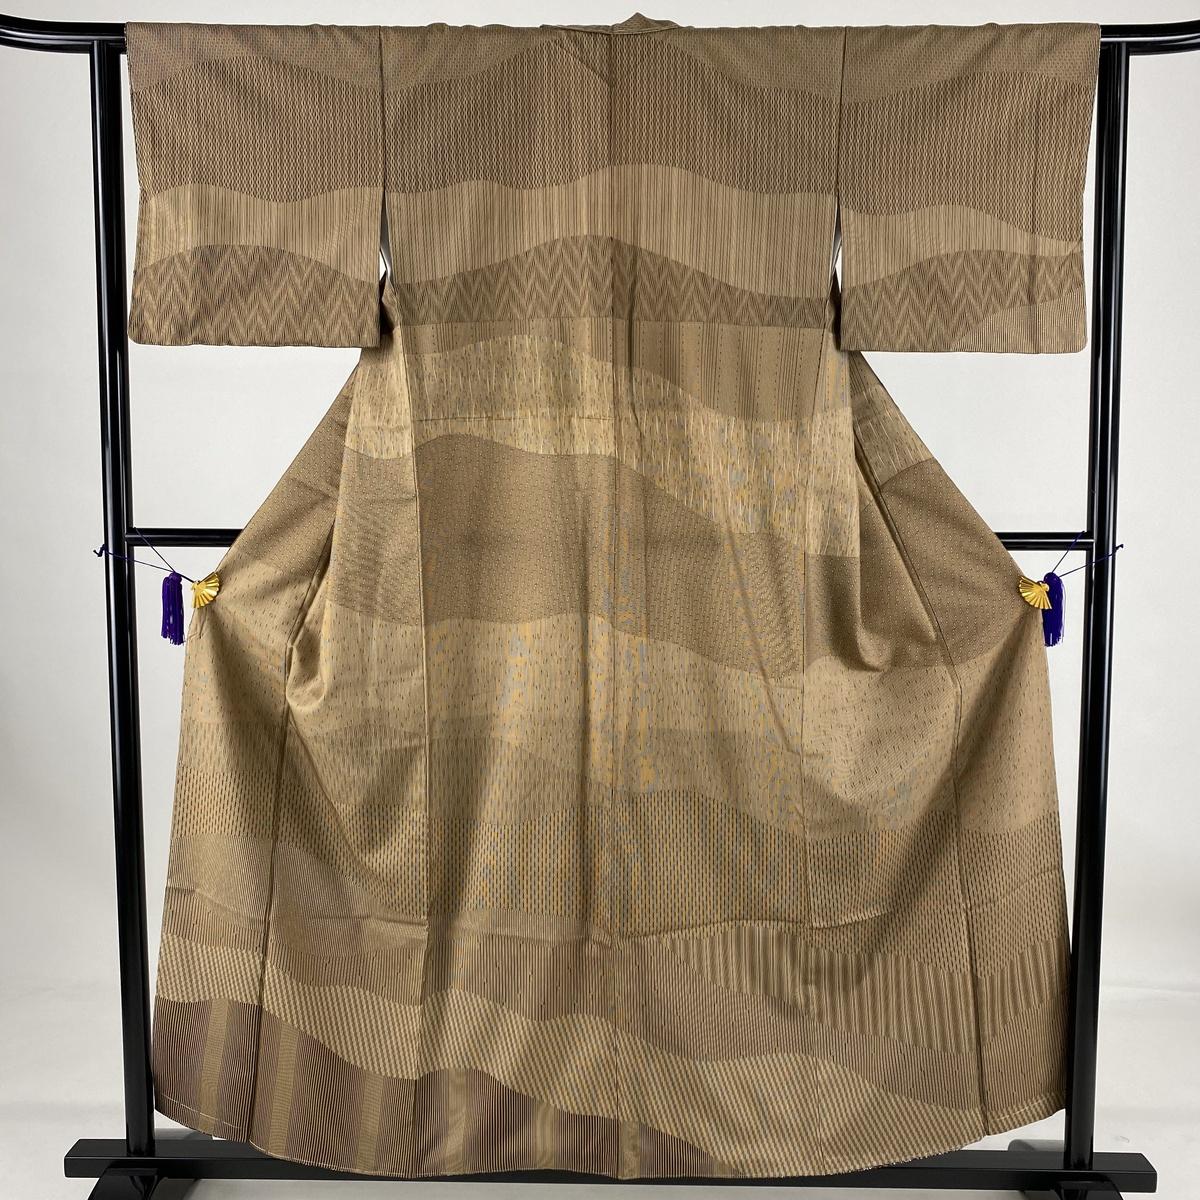 お中元 ランクA 着物 リサイクル 送料無料 訪問着 美品 秀品 2020 新作 縞 62cm 幾何学模様 S 袷 正絹 中古 茶色 155cm